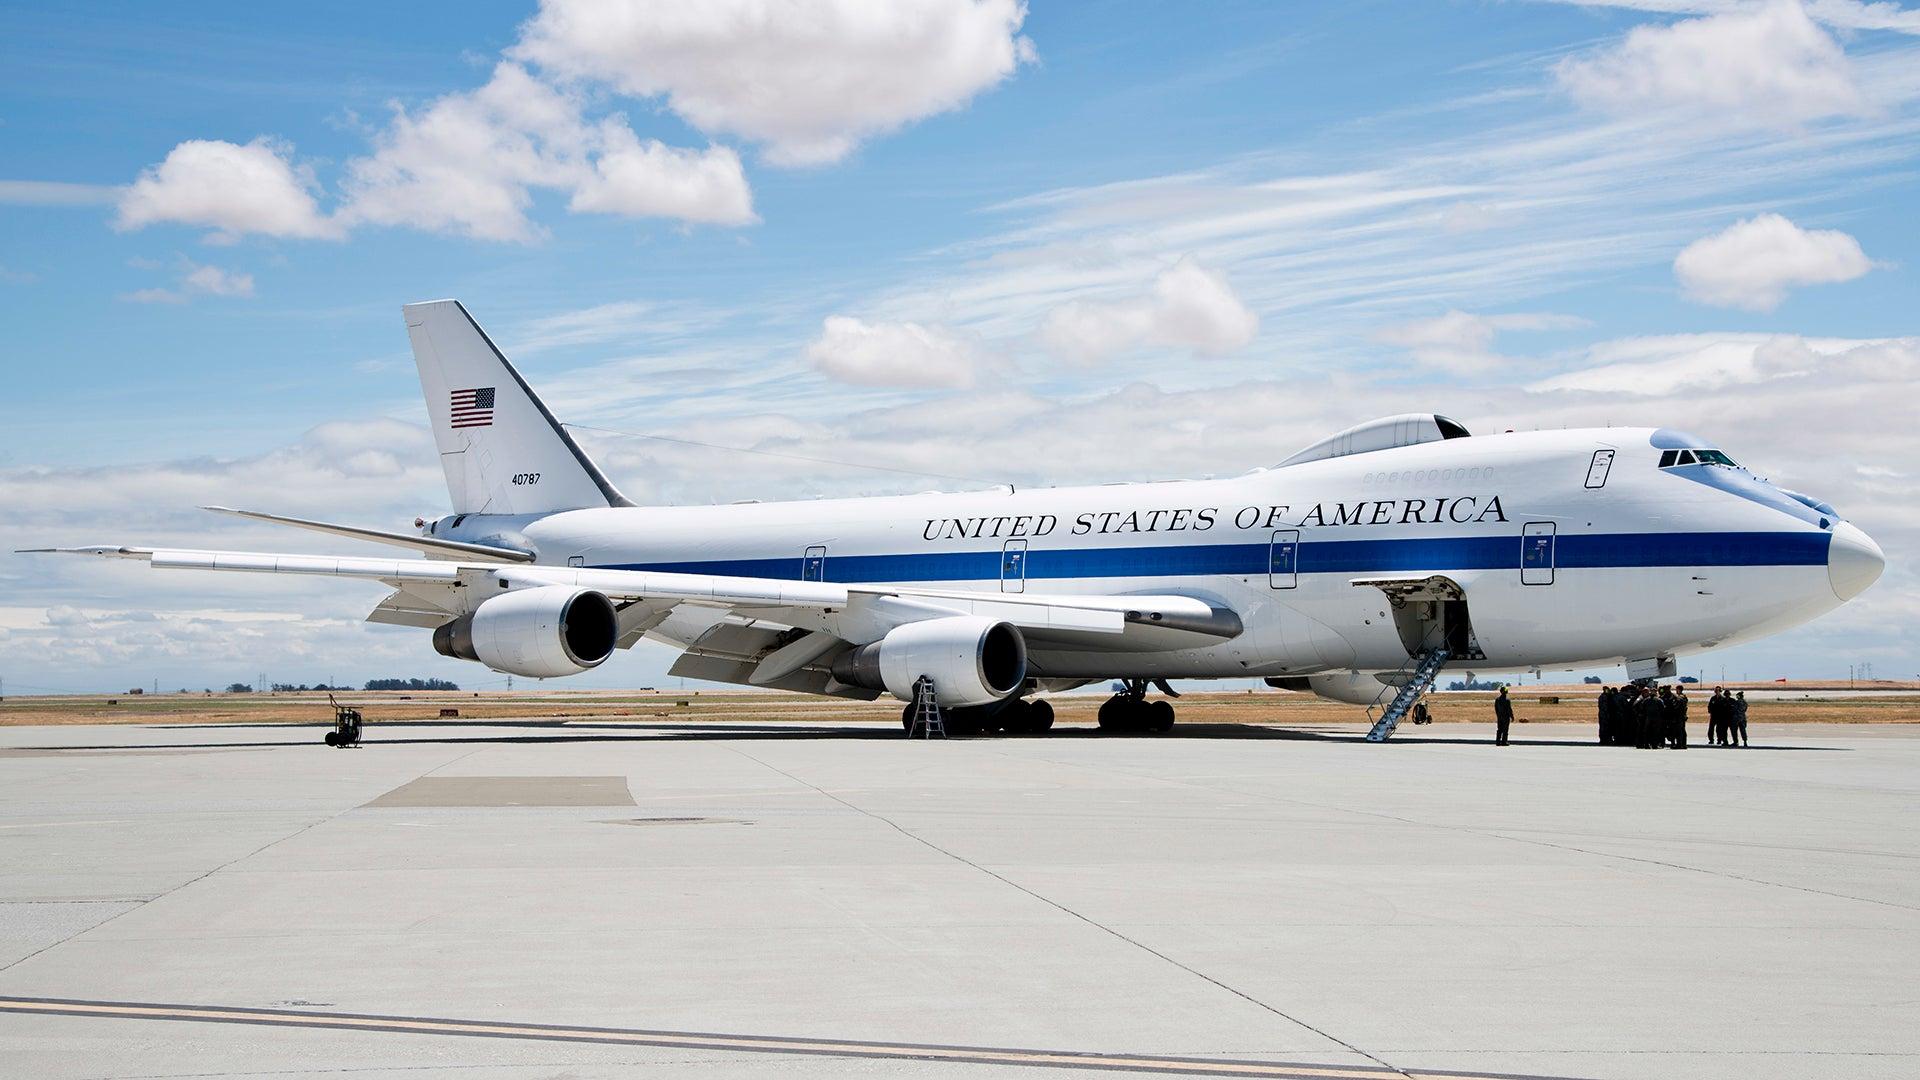 E 4B Doomsday Plane jpg?quality=85.